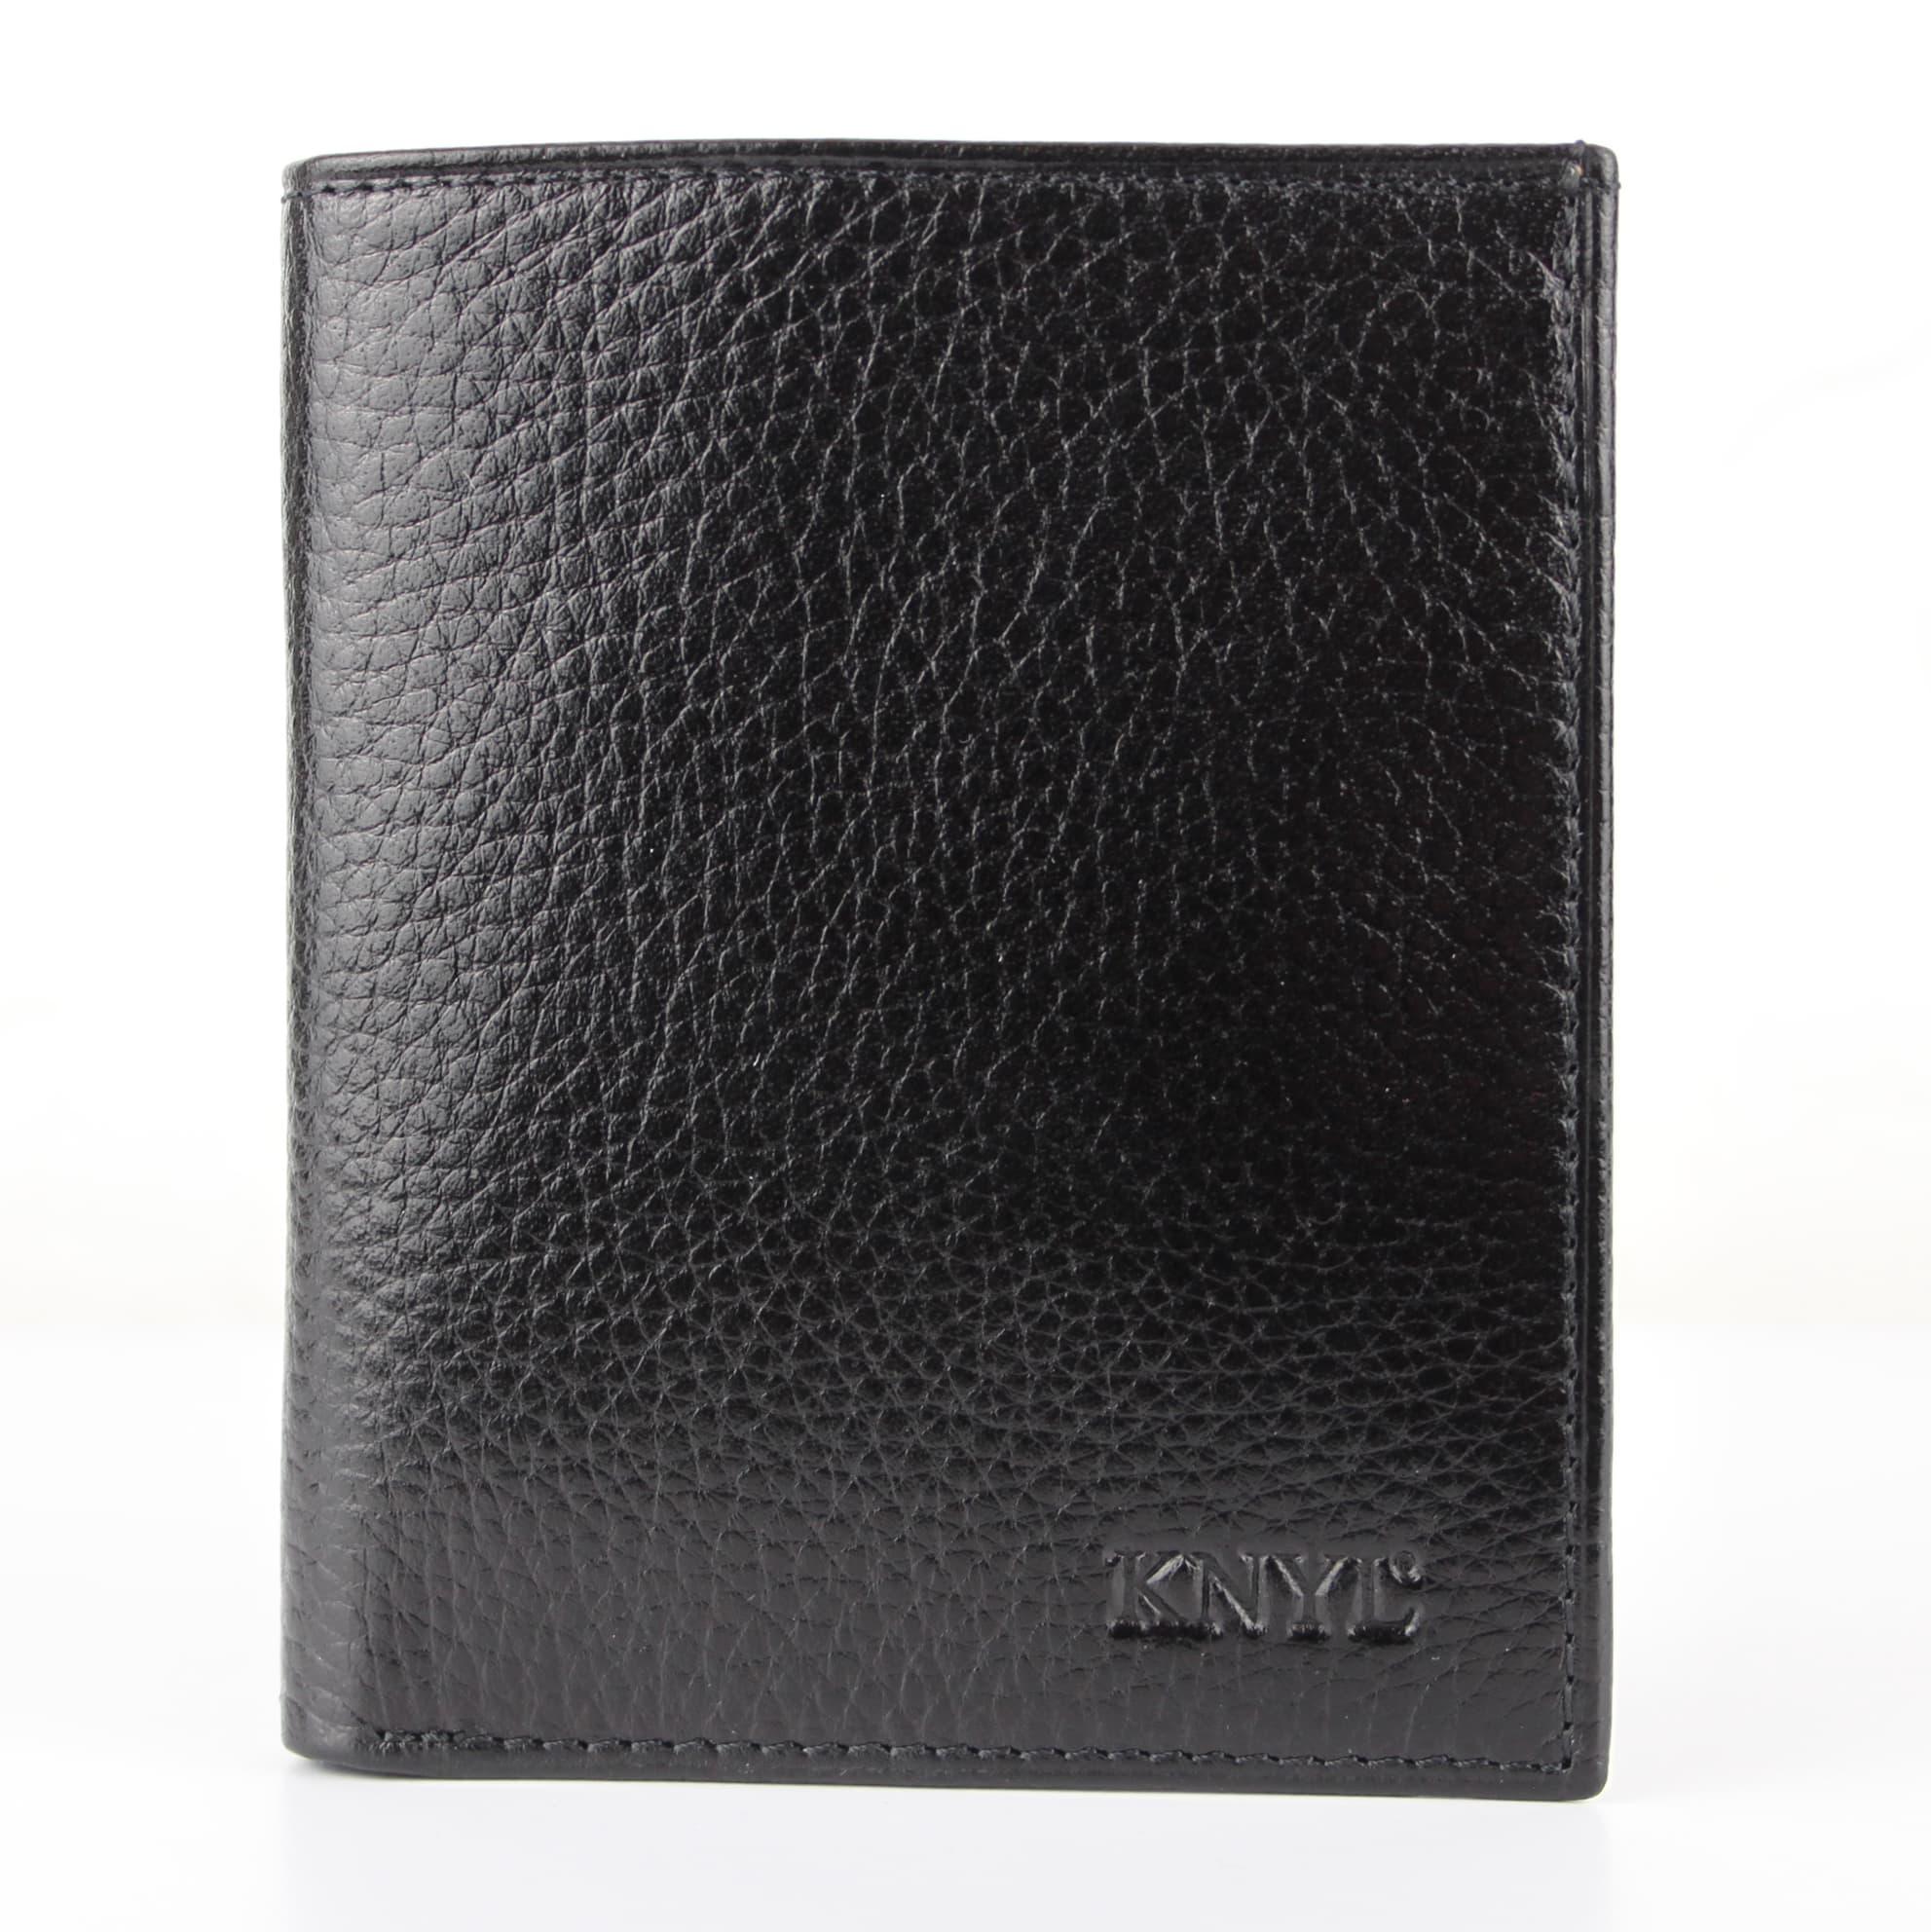 Мужской кошелек из натуральной кожи.CE1570 Black